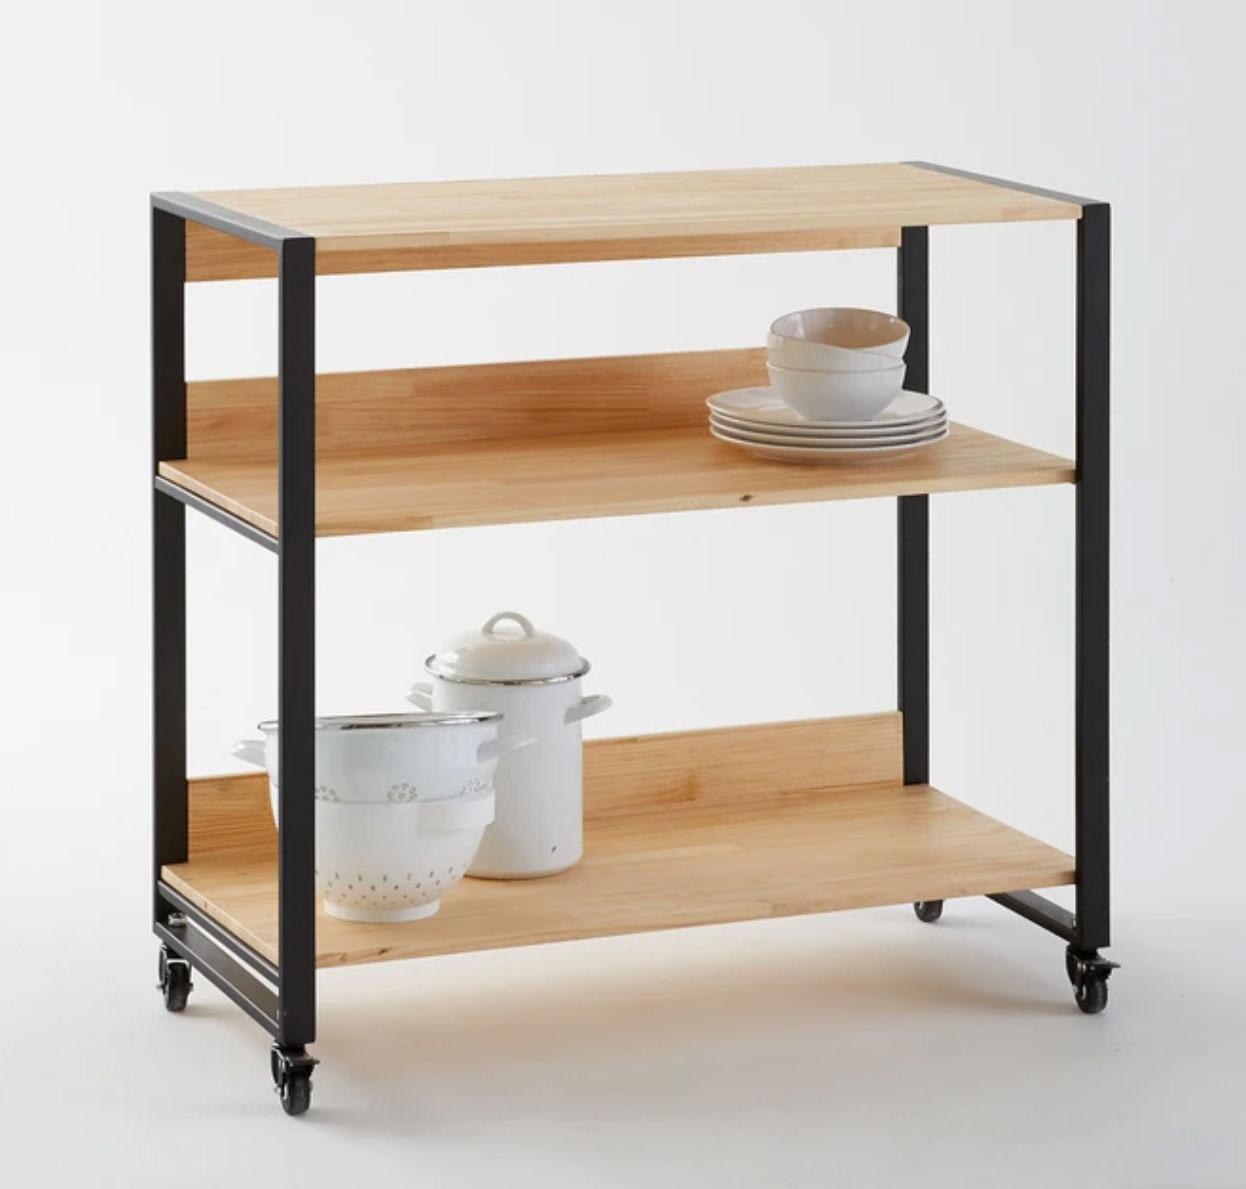 Mueble camarera con ruedas, Hiba. Medidad Totales:  •  Ancho 94 cm  •  Profundidad 43 cm  •  Altura 89 cm